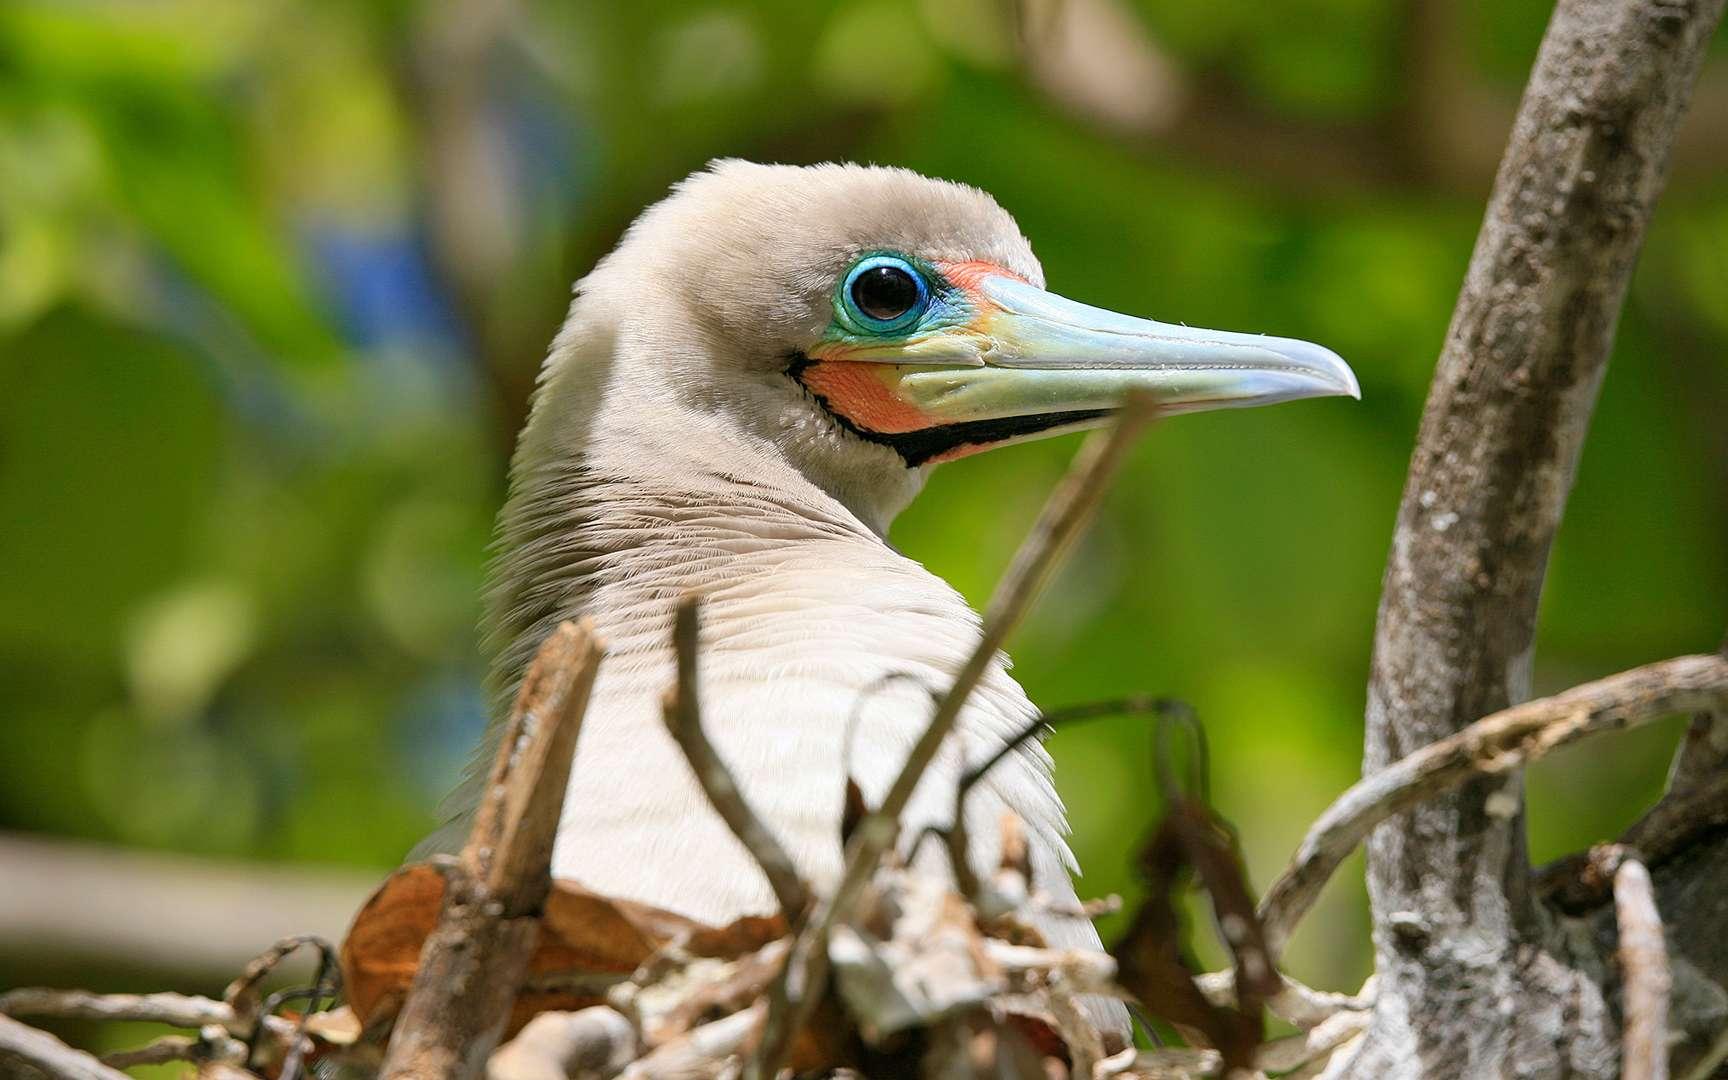 Fou à pieds rouges. Fou à pieds rouges Cette espèce niche sur les îles et les côtes océaniques tropicales. Elle hiverne en mer, et il est donc rare de l'observer loin des sites de reproduction, où les individus se rassemblent en grandes colonies. L'œuf unique, de couleur bleu pâle, est pondu dans un nid de branchages sur un arbre. Il est couvé par les deux parents pendant 44 à 46 jours. Le jeune oiseau peut attendre jusqu'à trois mois avant de pouvoir voler pour la première fois, et jusqu'à cinq mois avant de faire véritablement de longs vols. Les couples de fous à pieds rouges peuvent rester ensemble pendant plusieurs saisons. Ils pratiquent des rituels de salutation élaborés, comprenant des cris rauques. Les mâles gonflent leur gorge bleue. © Tous droits réservés - Reproduction interdite http://www.antoine.tv/